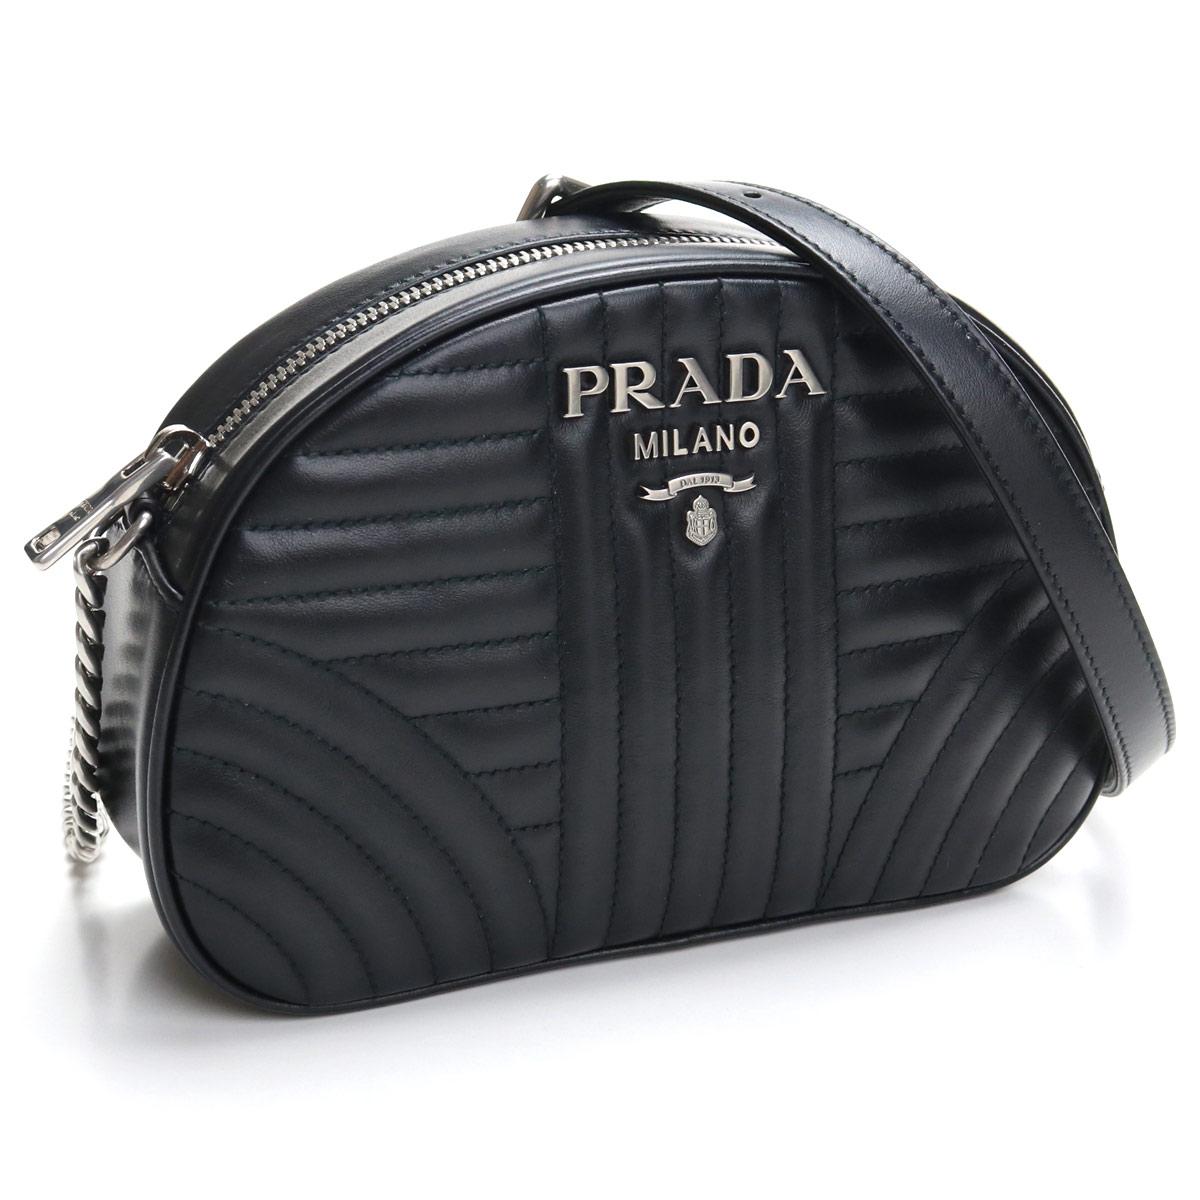 プラダ PRADA キルティング レザー 斜め掛け ショルダーバッグ 1BH147 2D91 V IOI F0633 NERO 2 ブラック レディース